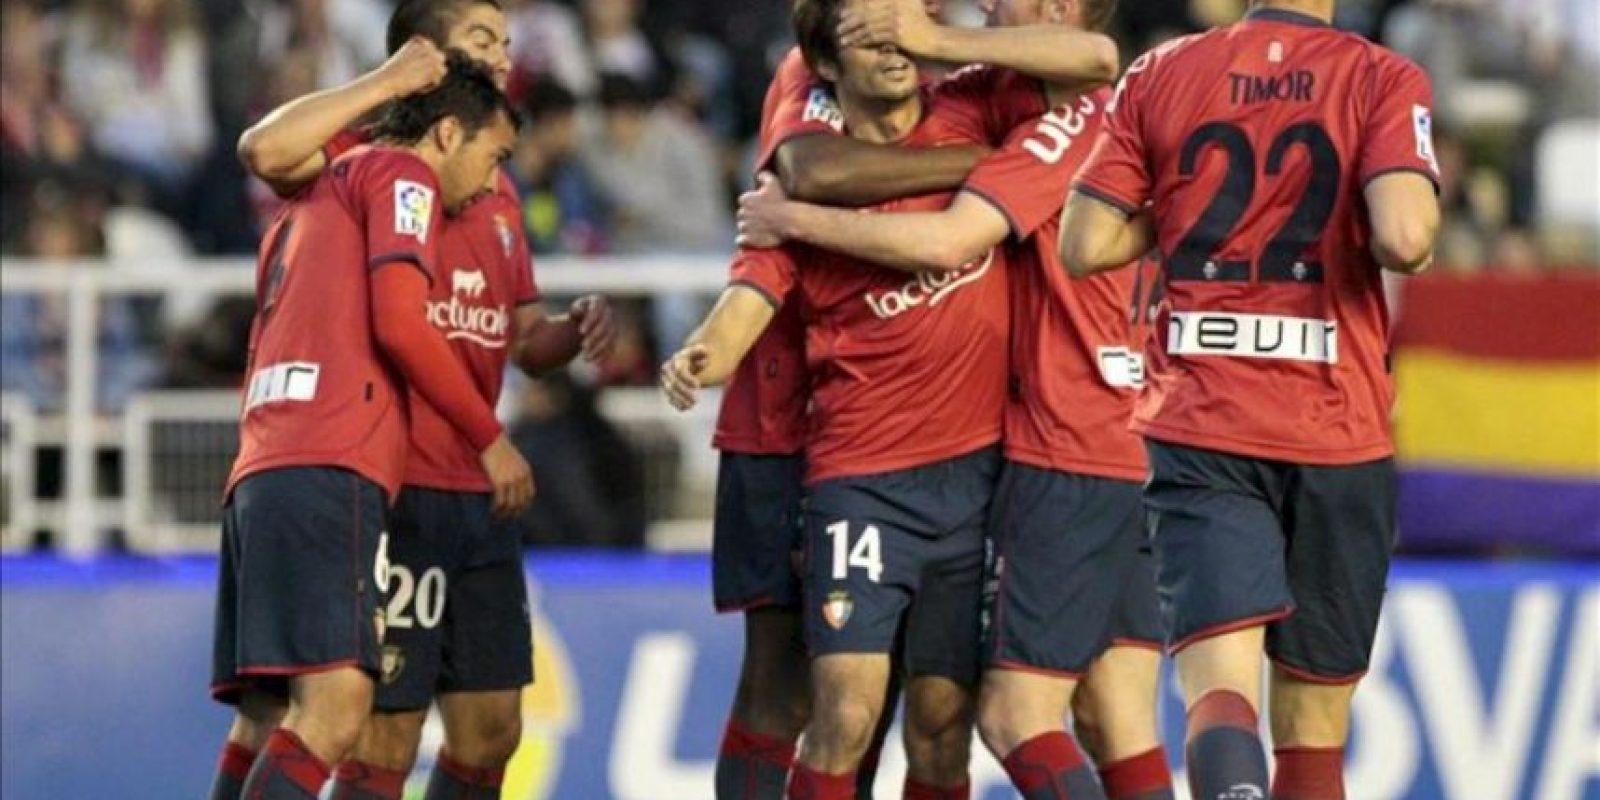 El defensa del Osasuna Alejandro Arribas (3d) celebra con sus compañeros el gol frente al Rayo Vallecano, el segundo de su equipo en el partido de la vigésimo tercera jornada de la Liga de Primera División en el Campo de Fútbol de Vallecas. EFE